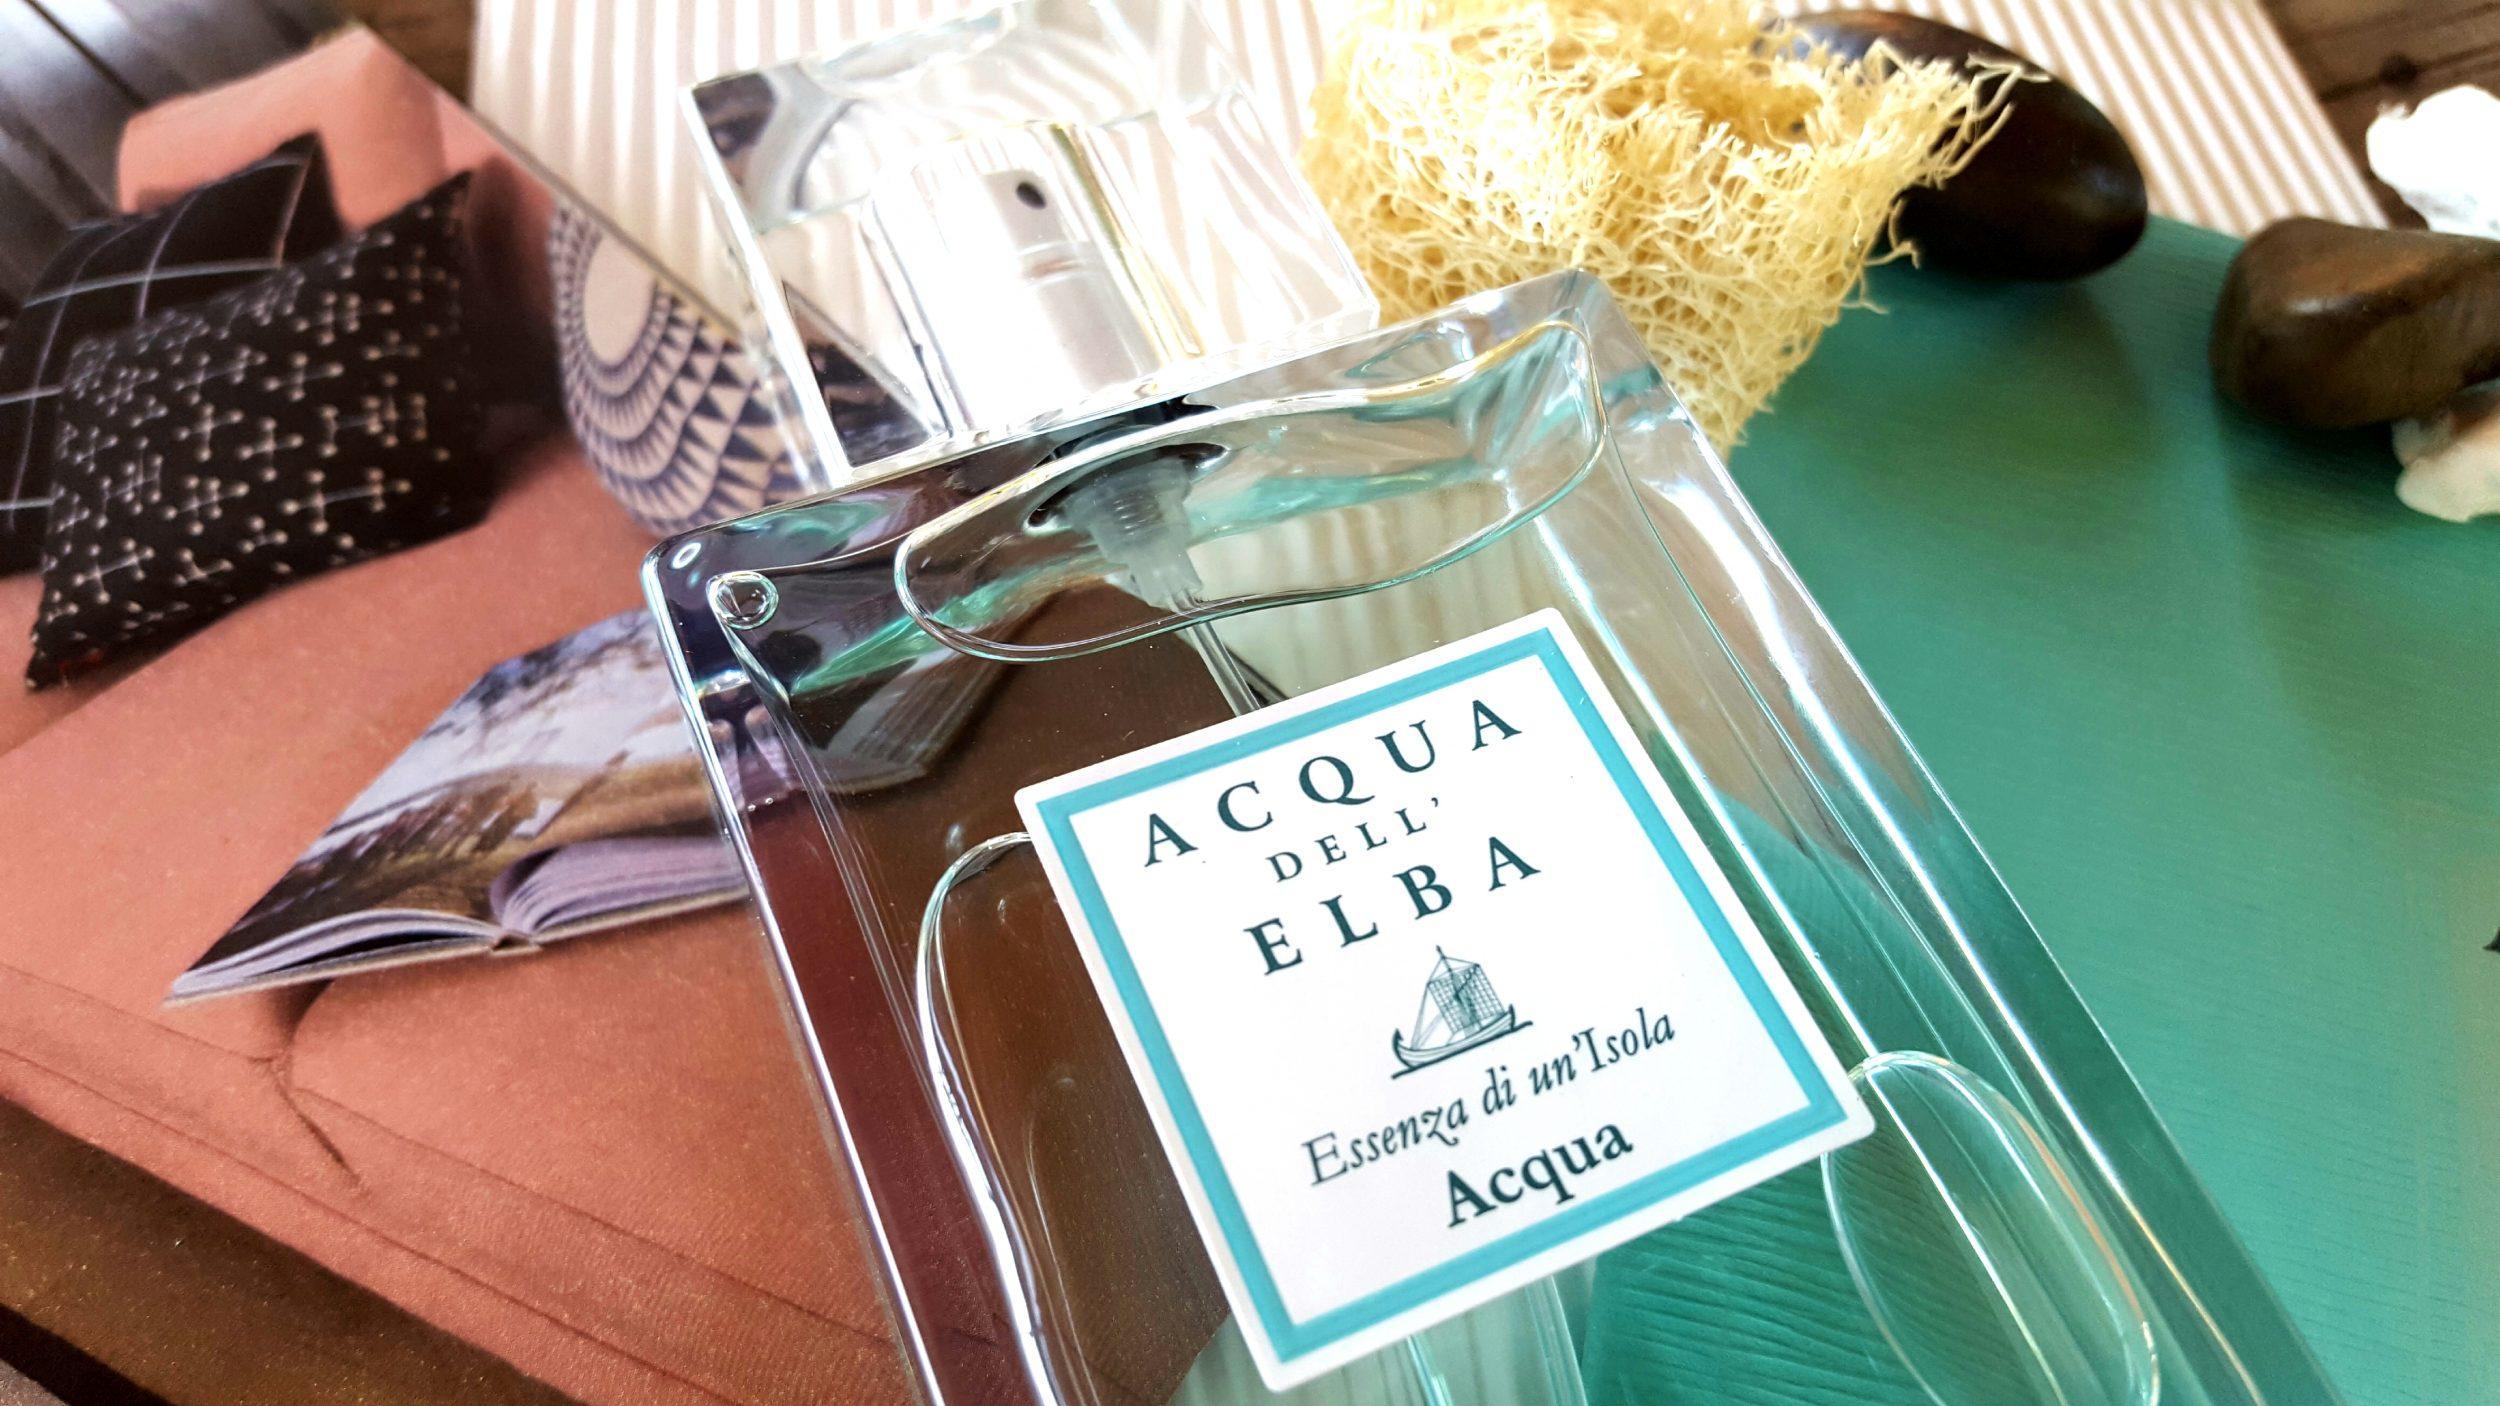 Acqua dell'Elba - Essenza di un'Isola